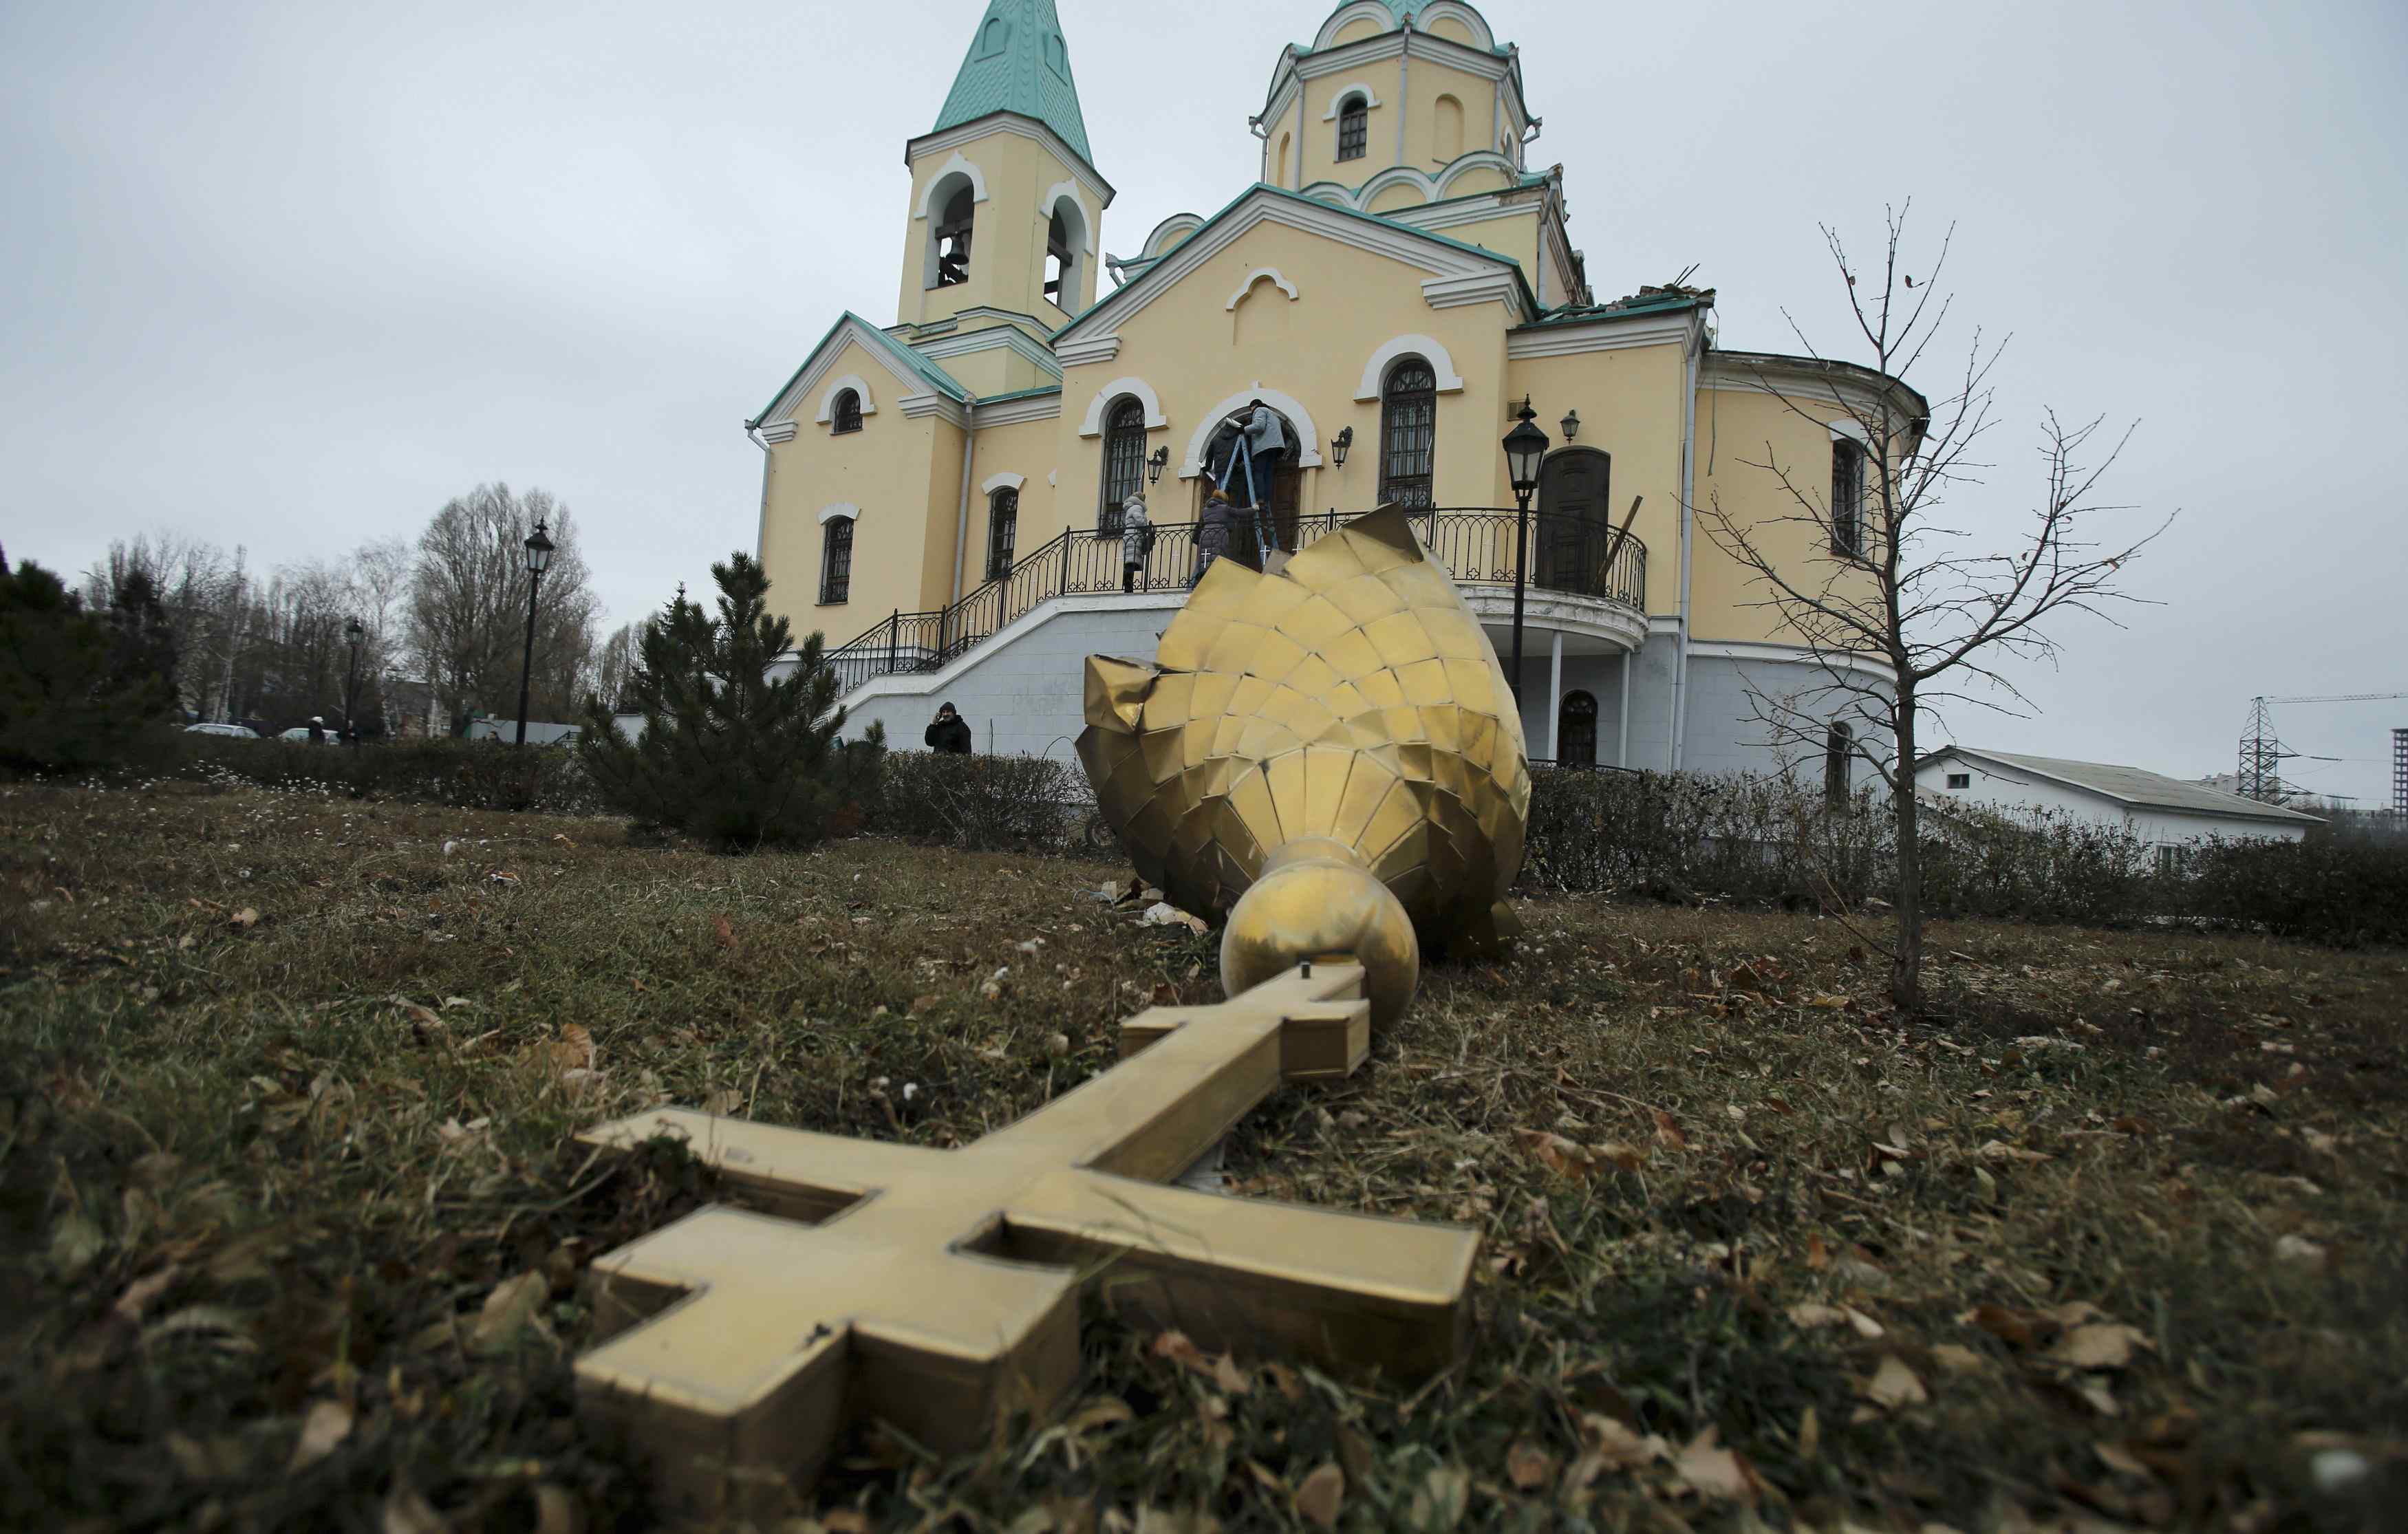 Донецк, разрушения, церковь